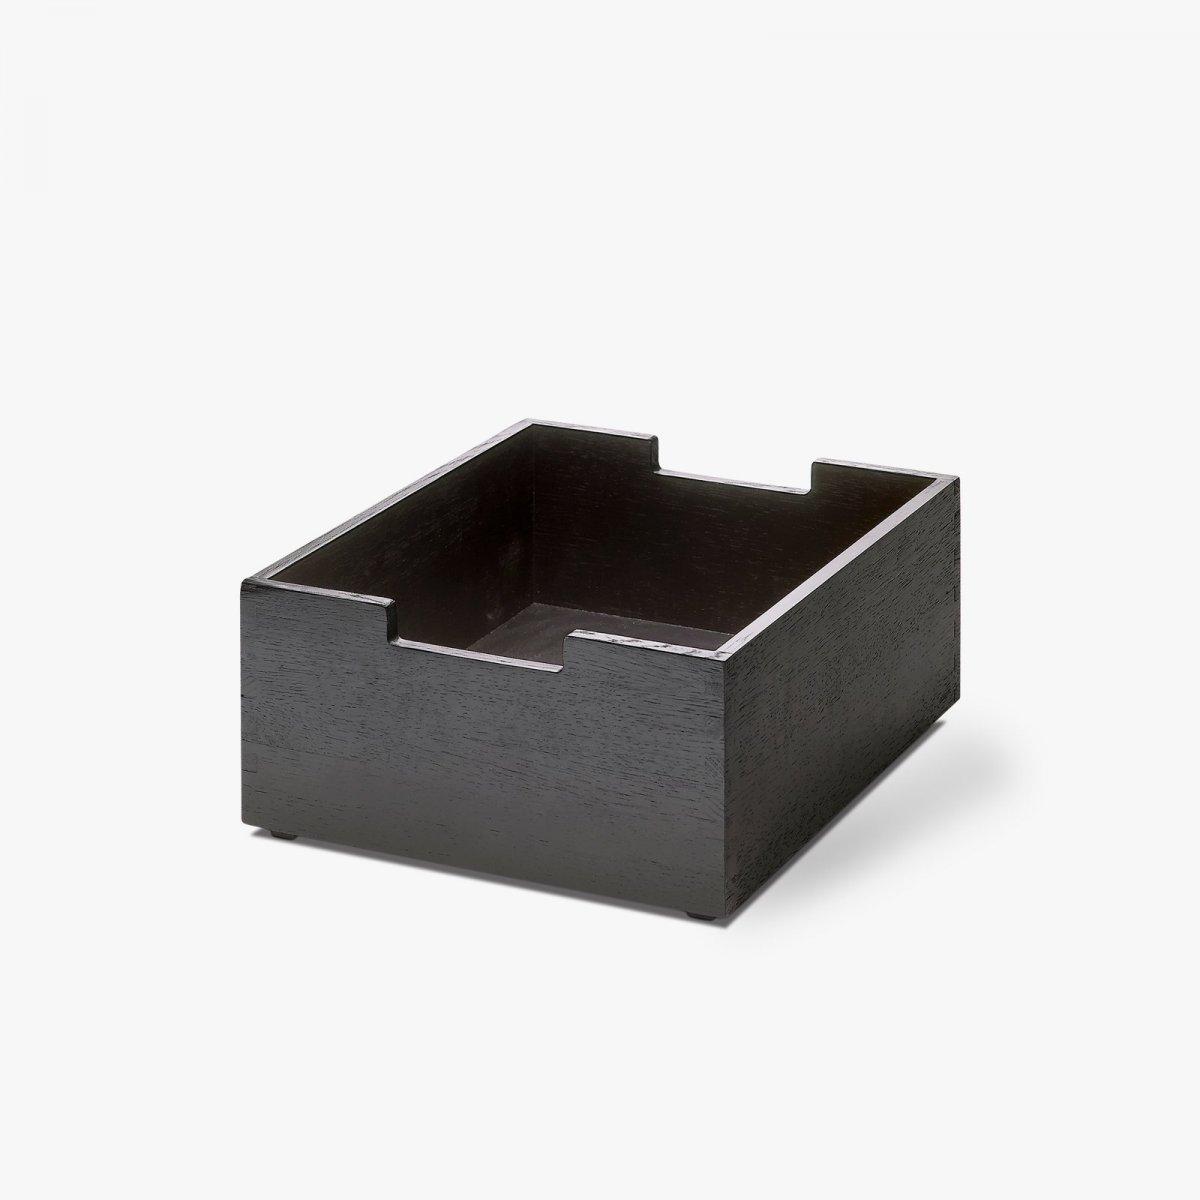 Cutter Box, Low, black oak.